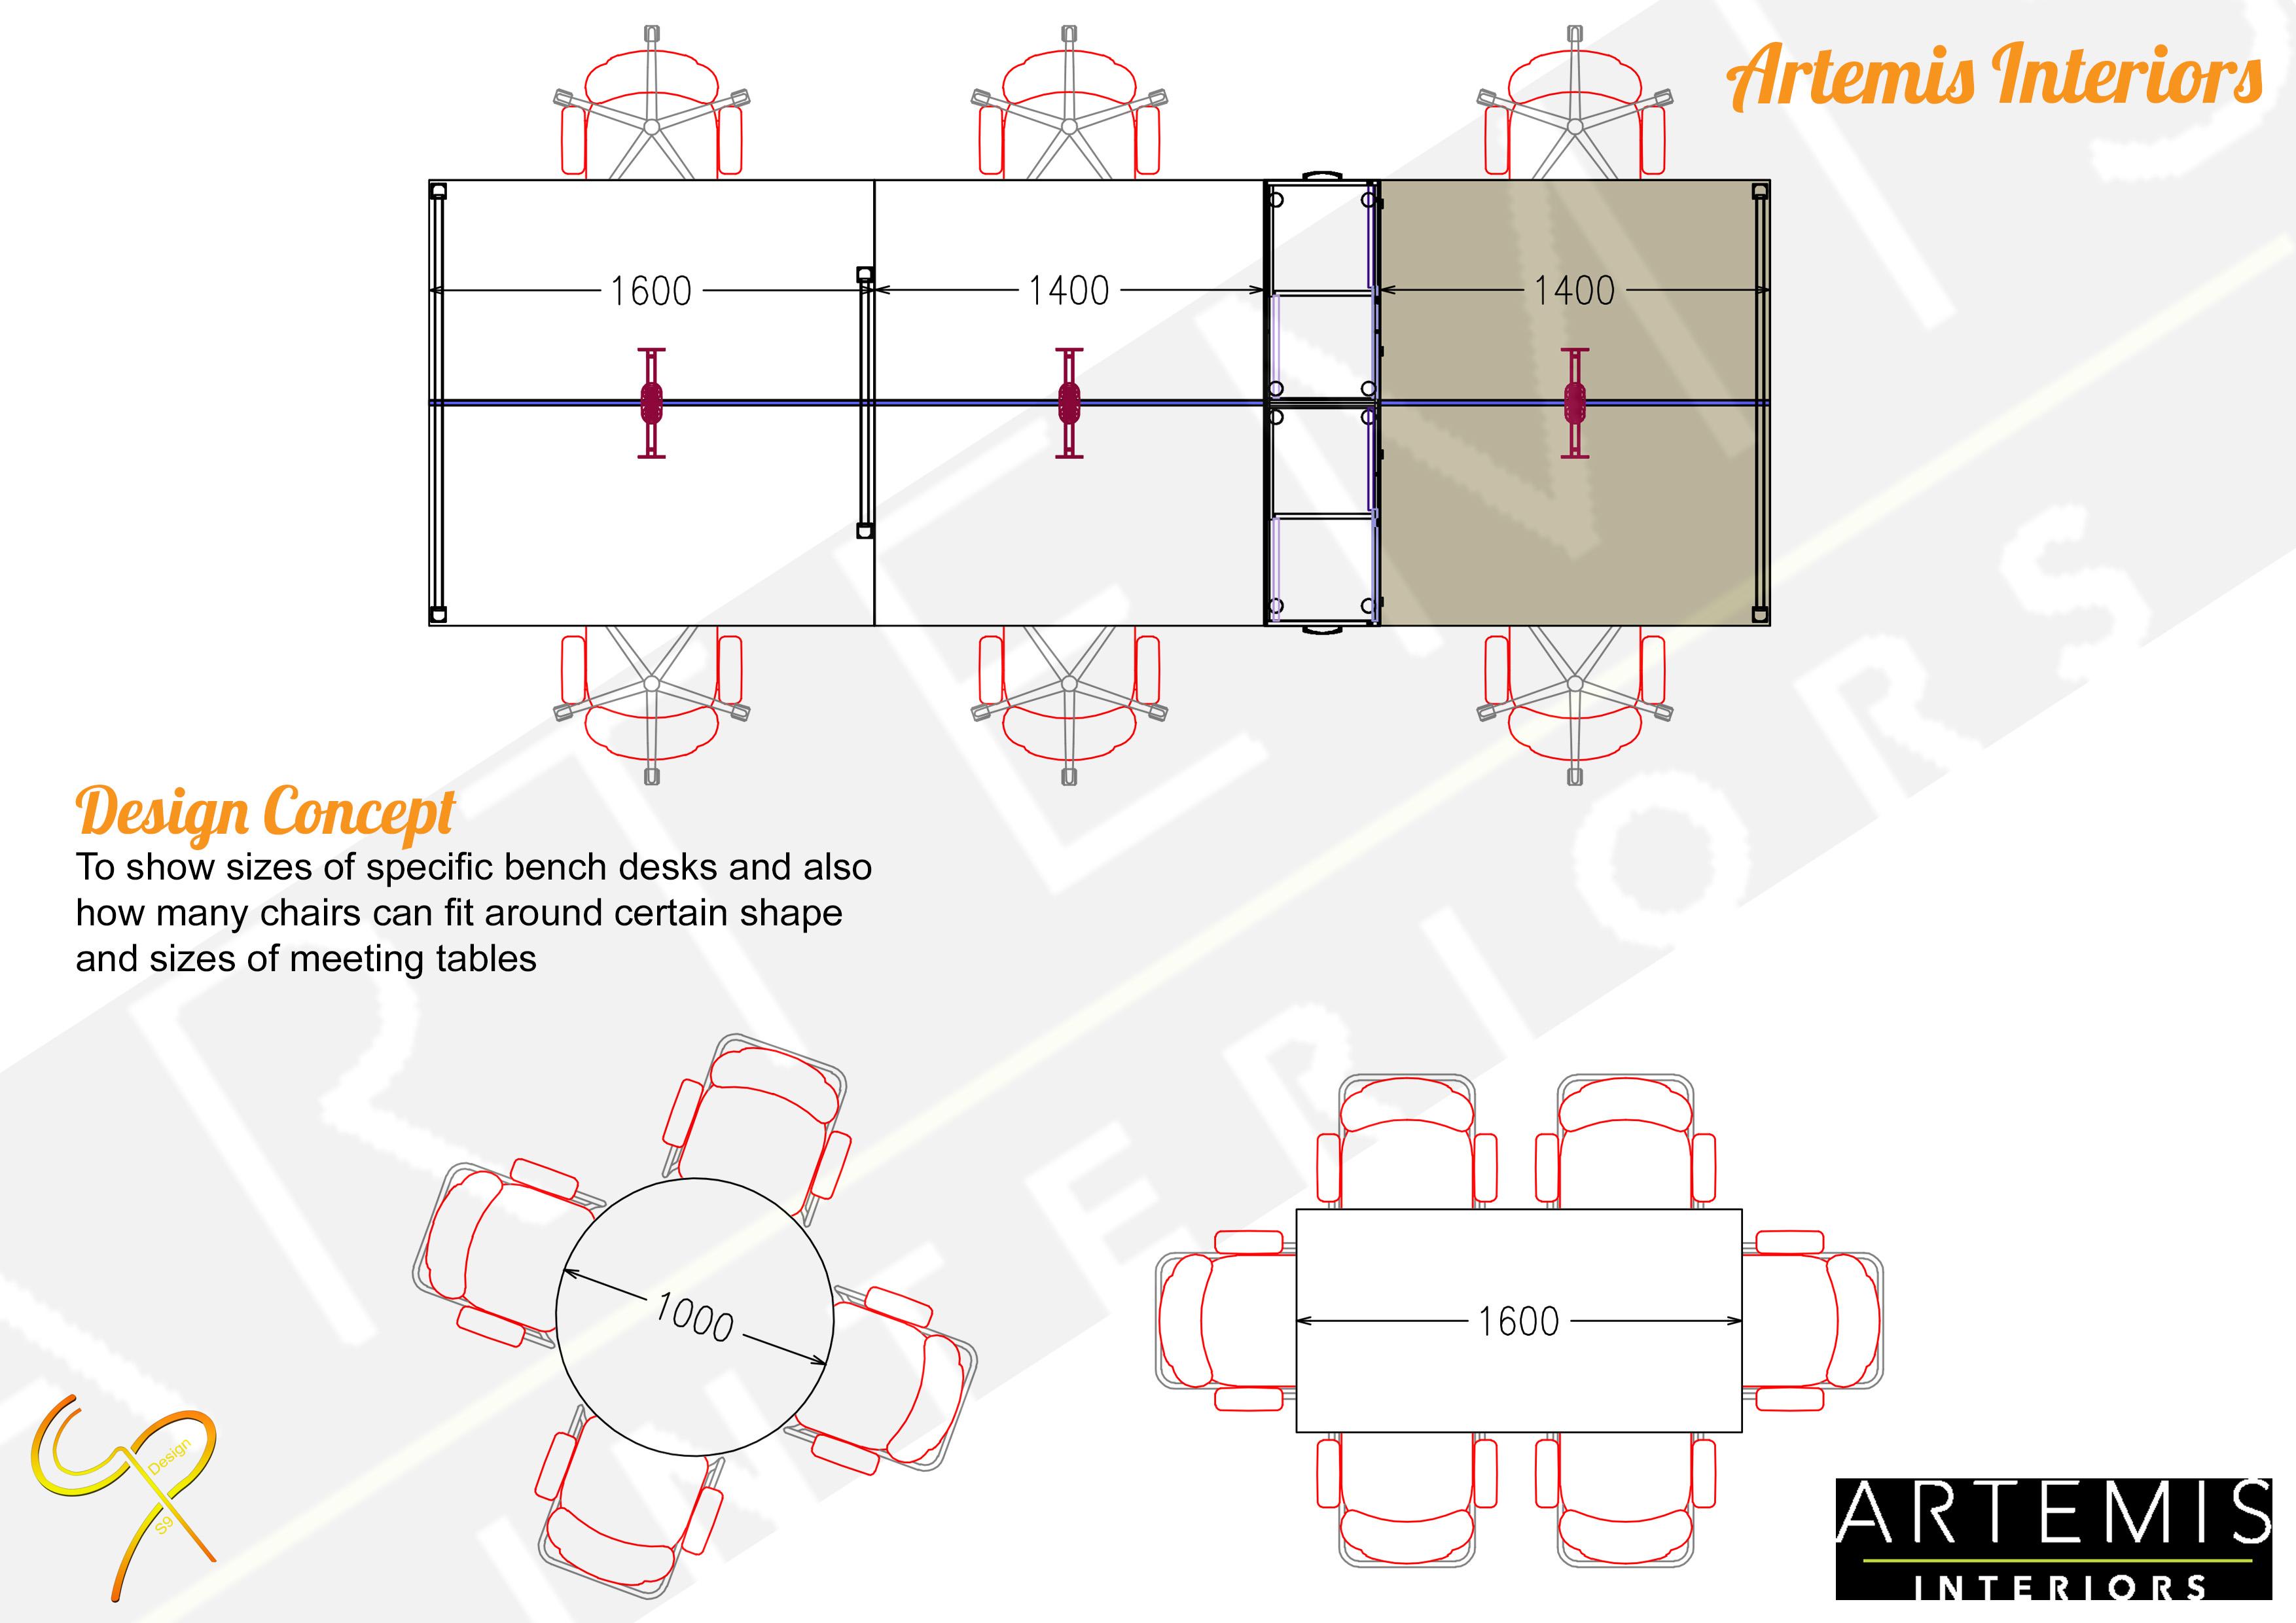 Artemis Interiors